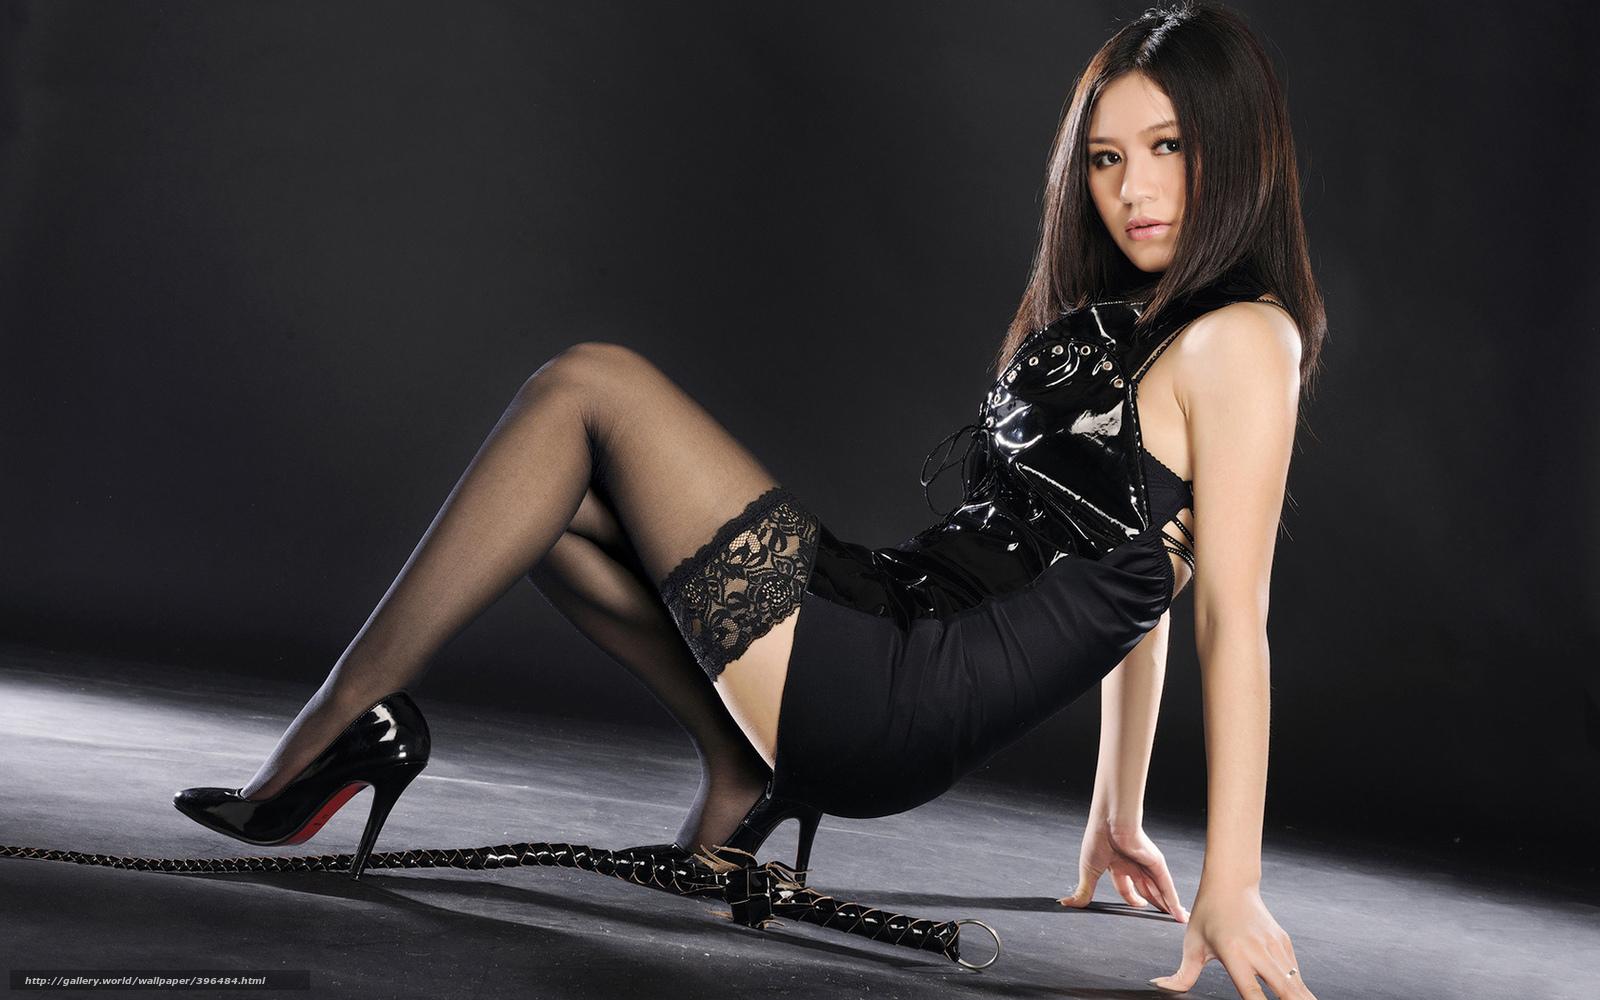 Сексуальные девушки в чулках и мини платьях 14 фотография